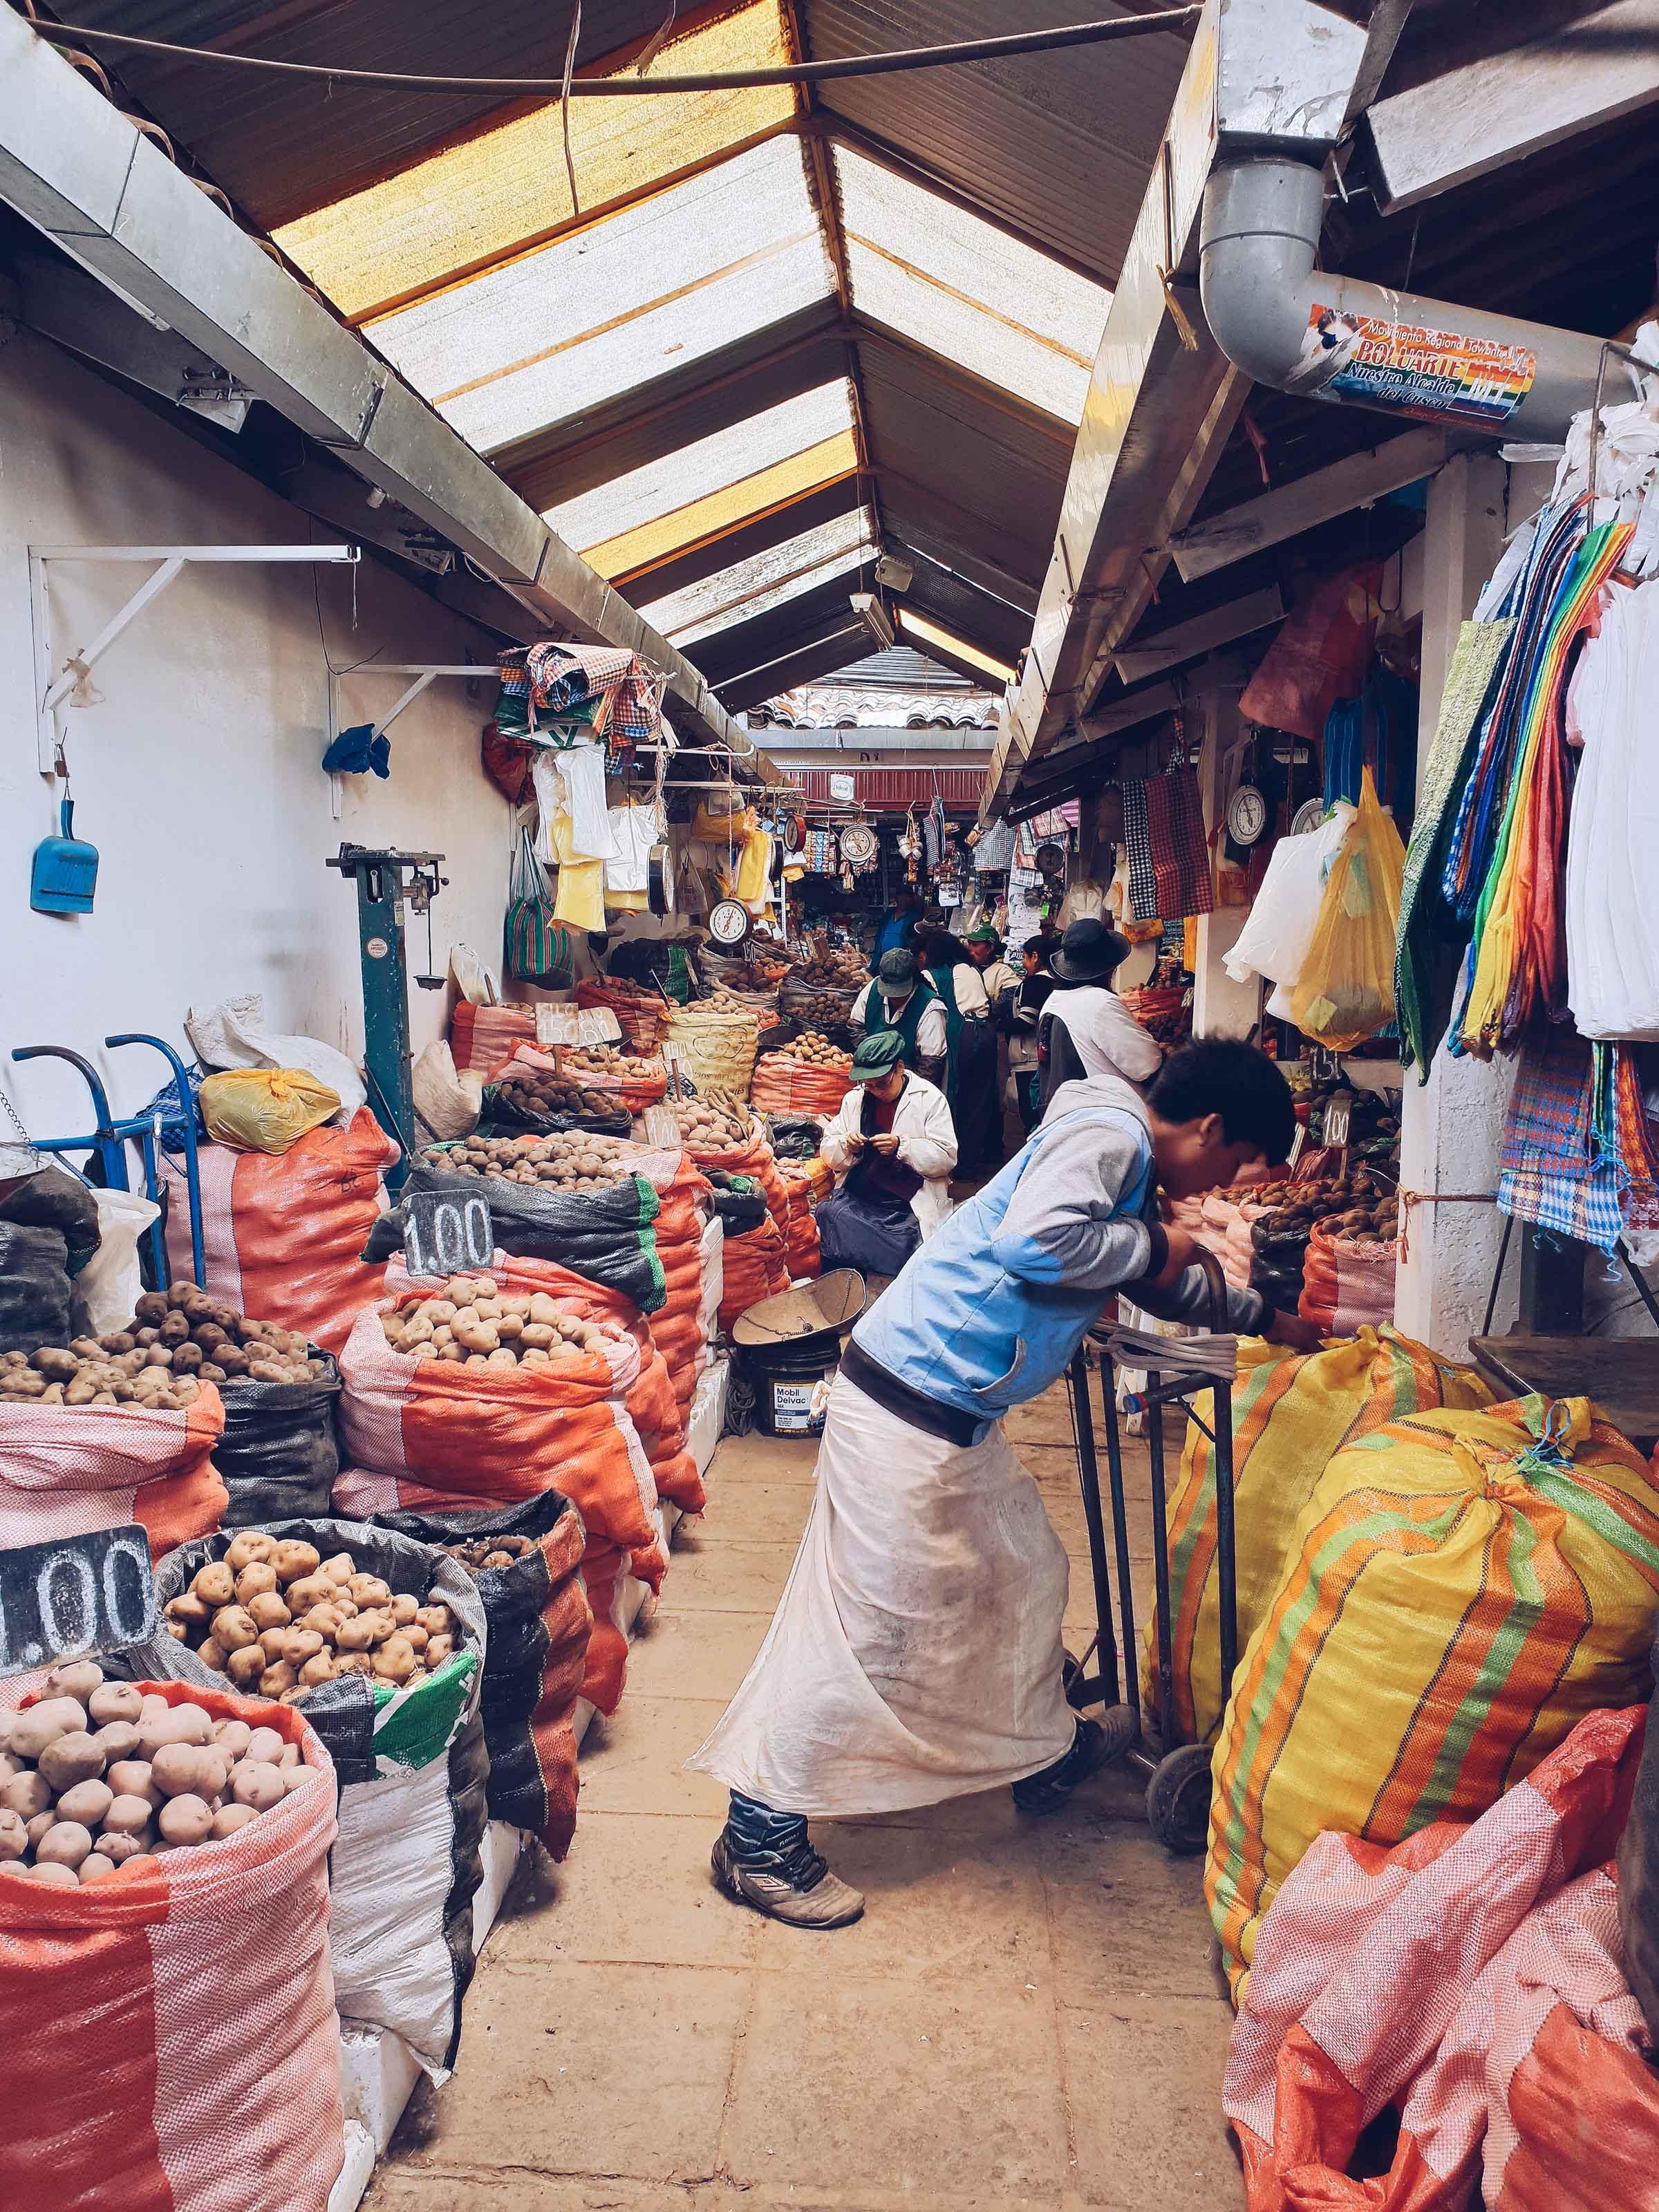 Welche Märkte sollte man in Cusco besuchen